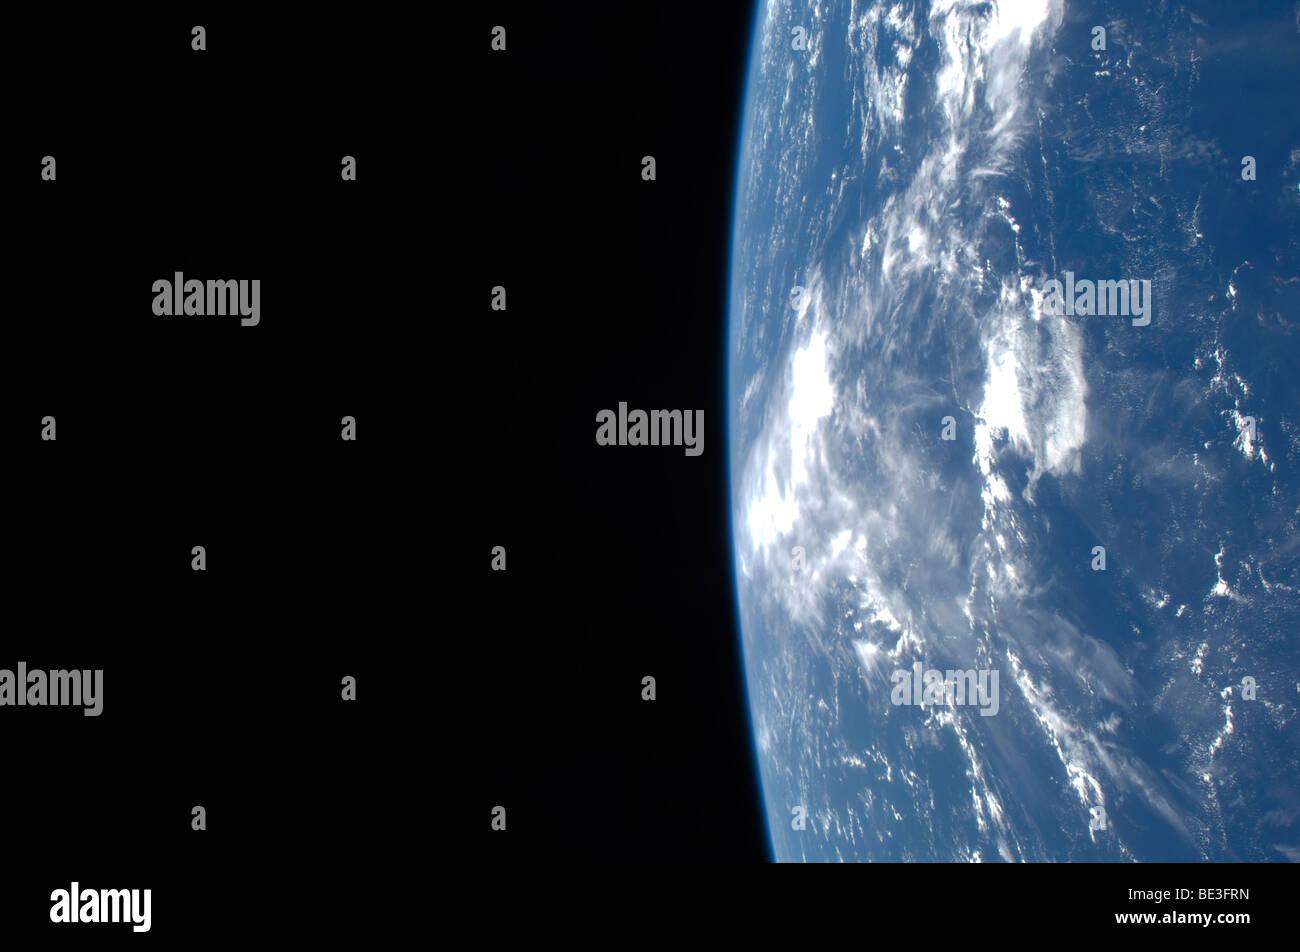 Earth's horizon et la noirceur de l'espace. Photo Stock